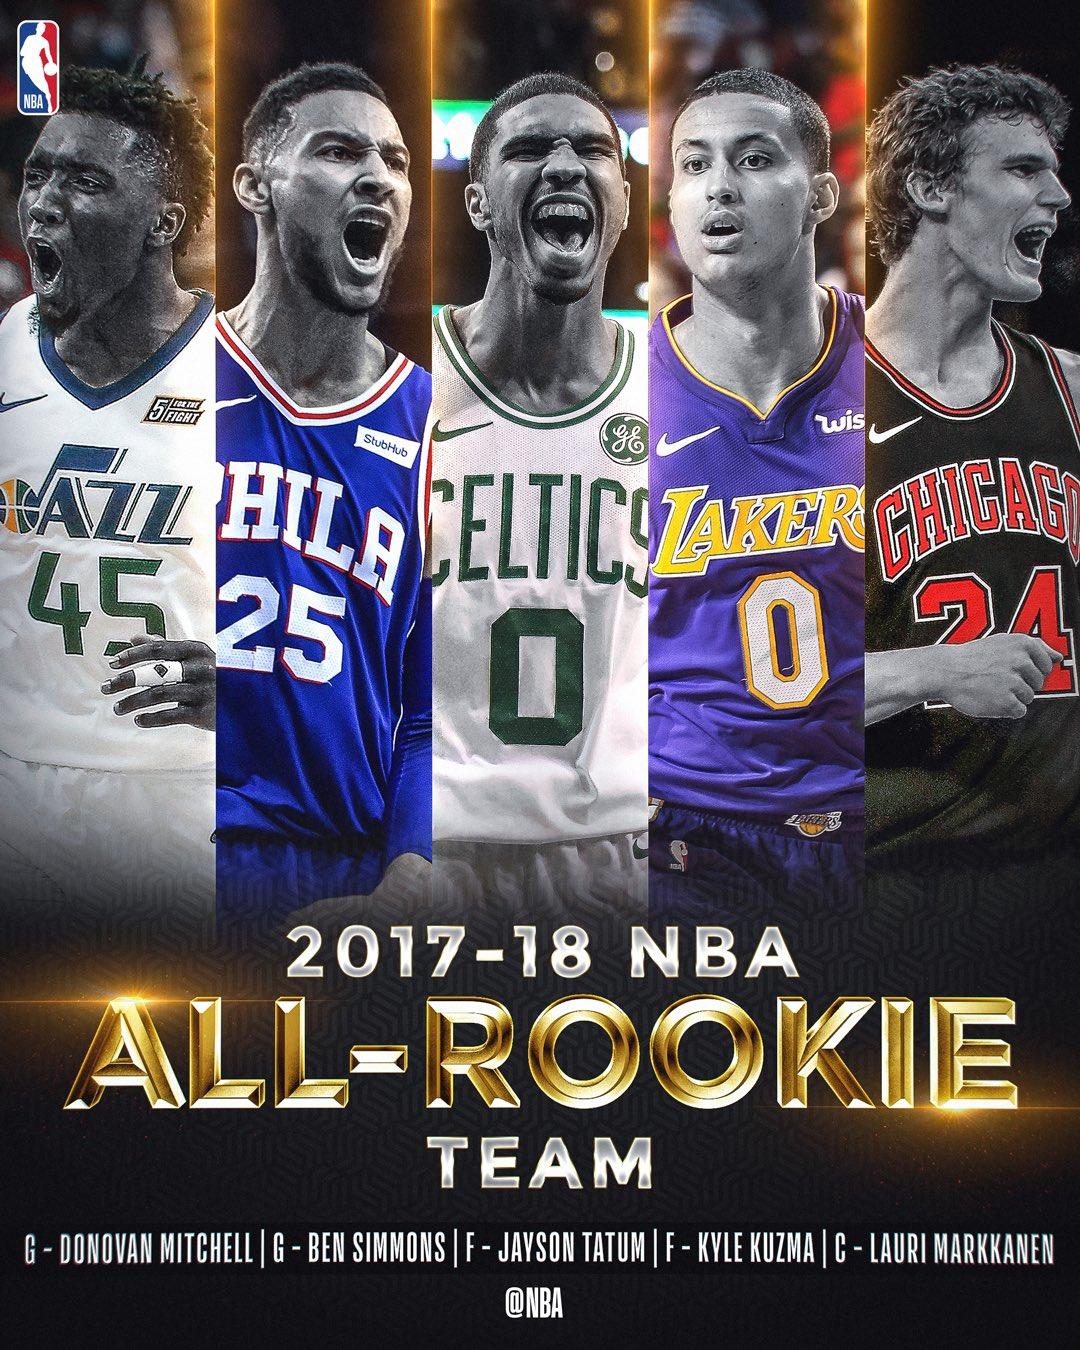 2017-18 NBA All-Rookie Team